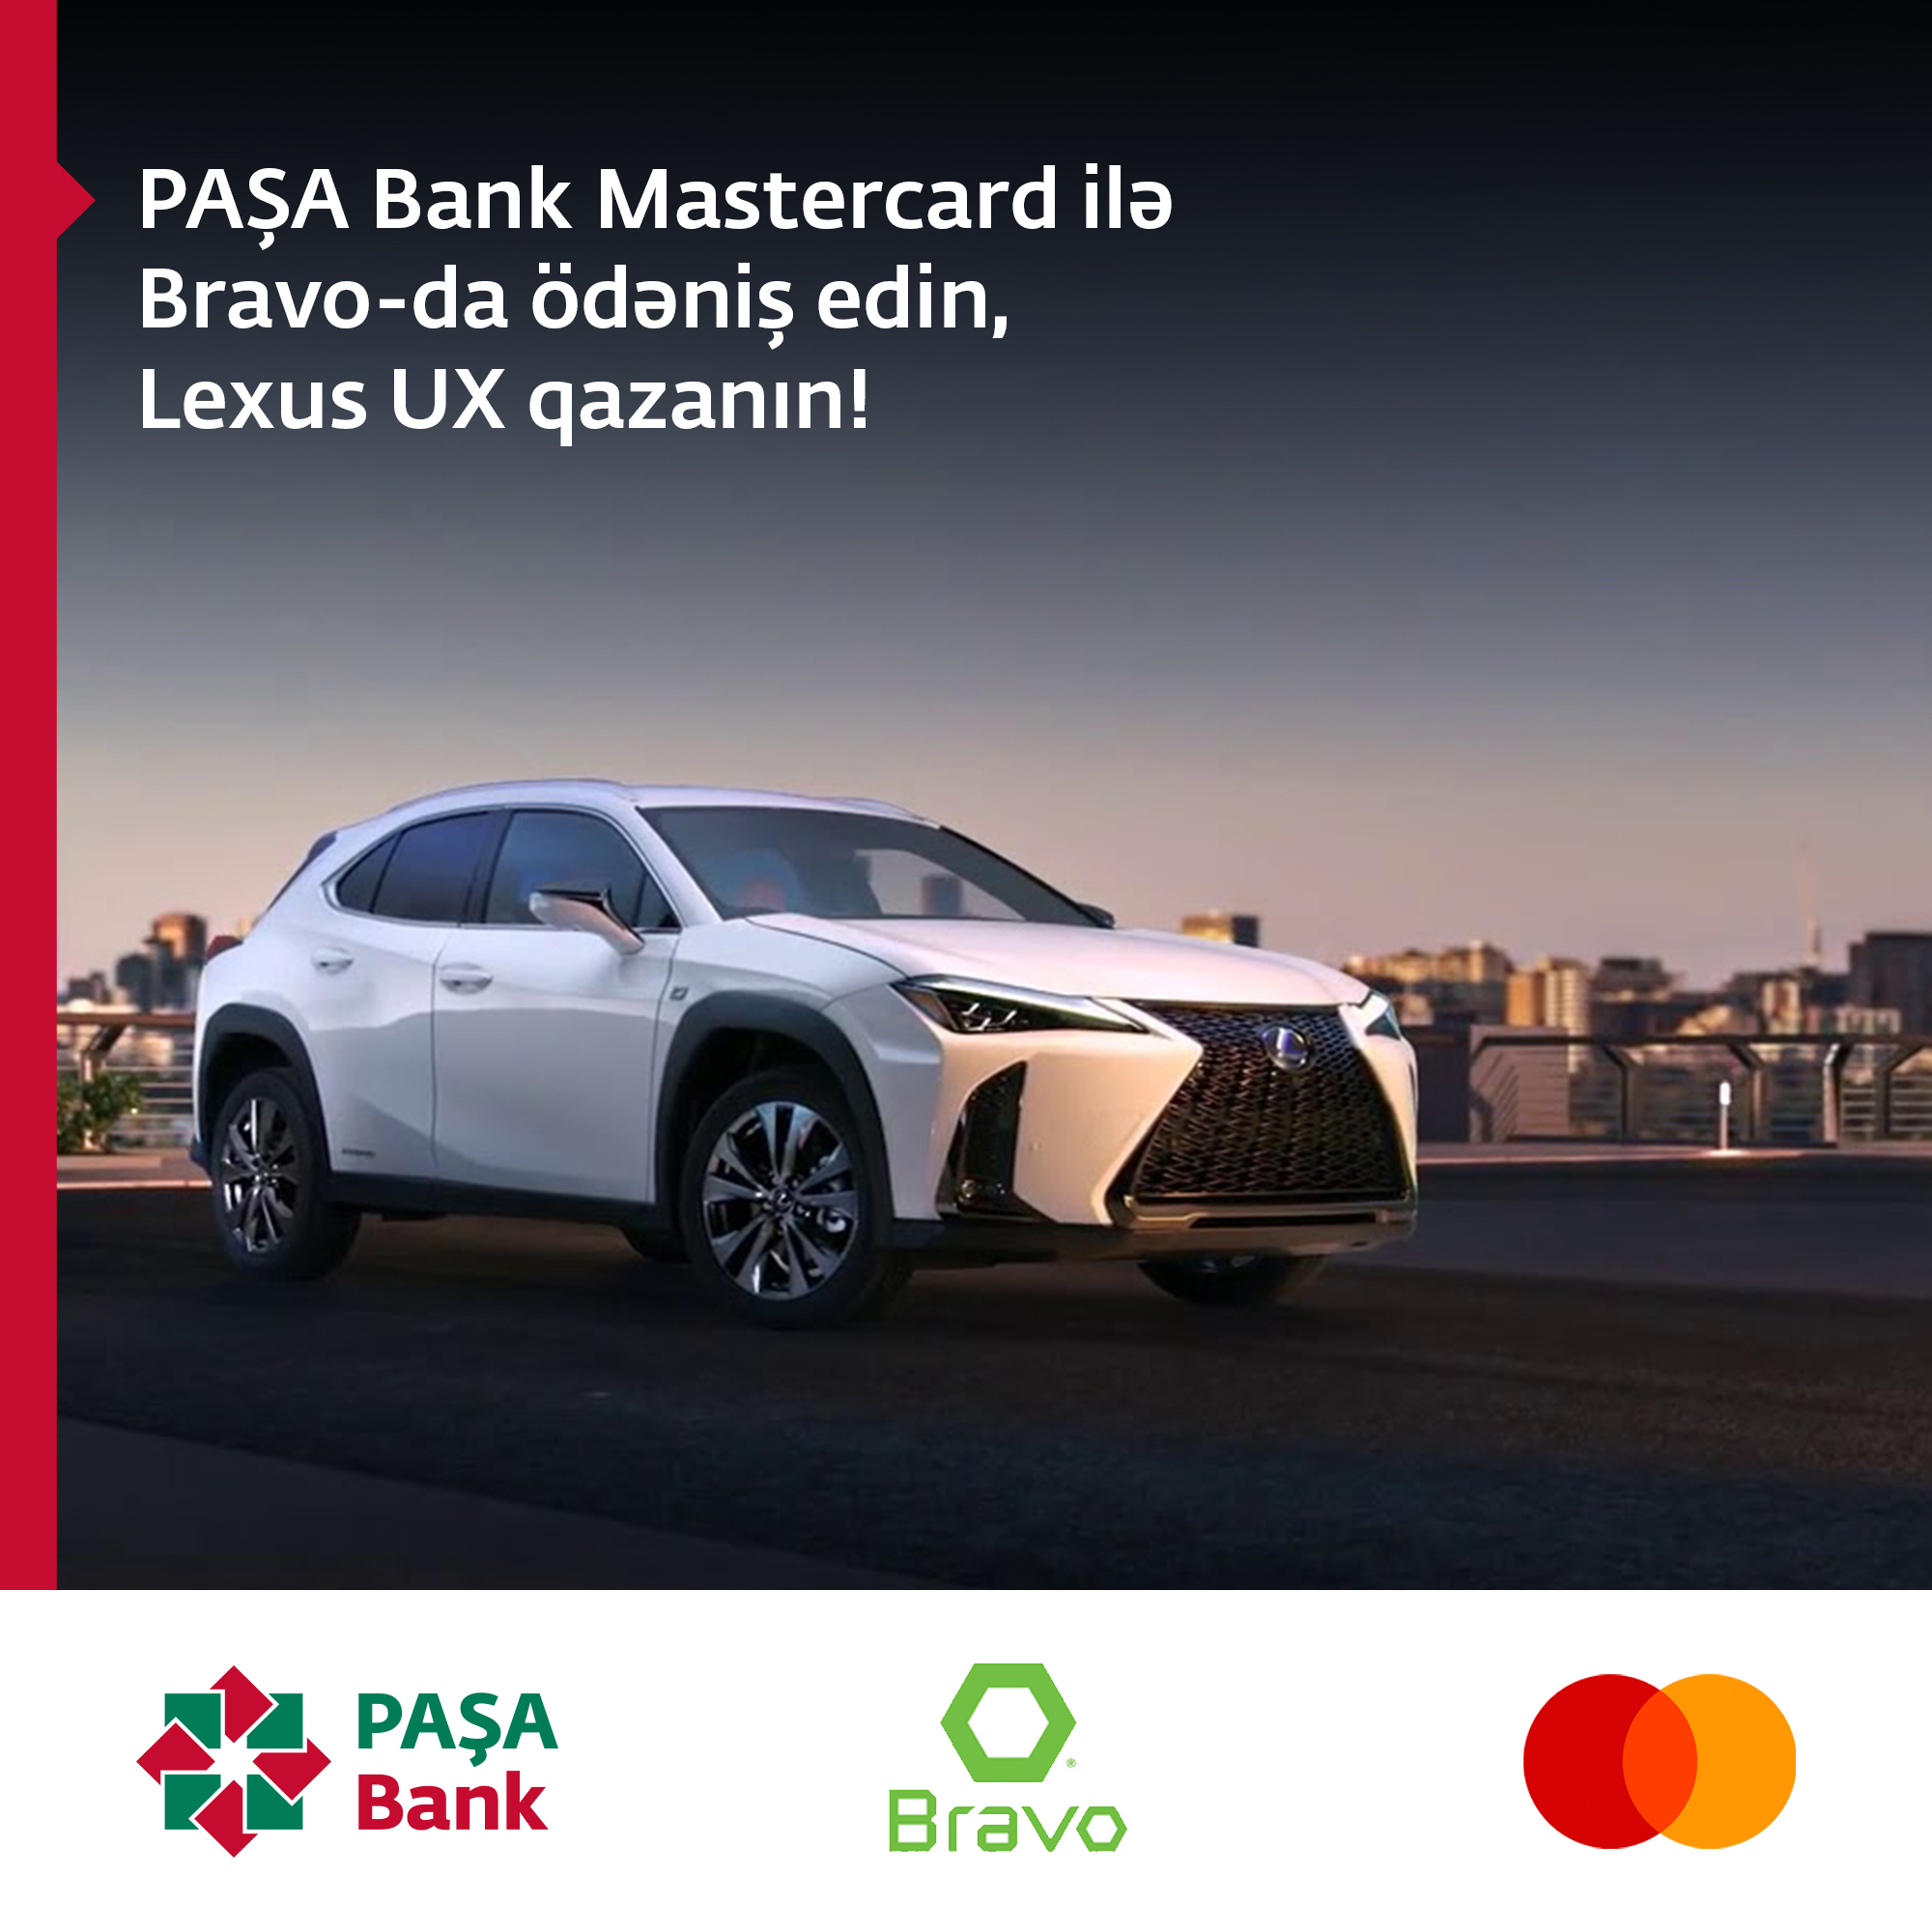 PAŞA Bank Mastercard kart istifadəçiləri Lexus UX və iPhone XS qazanma şansını əldə etdilər